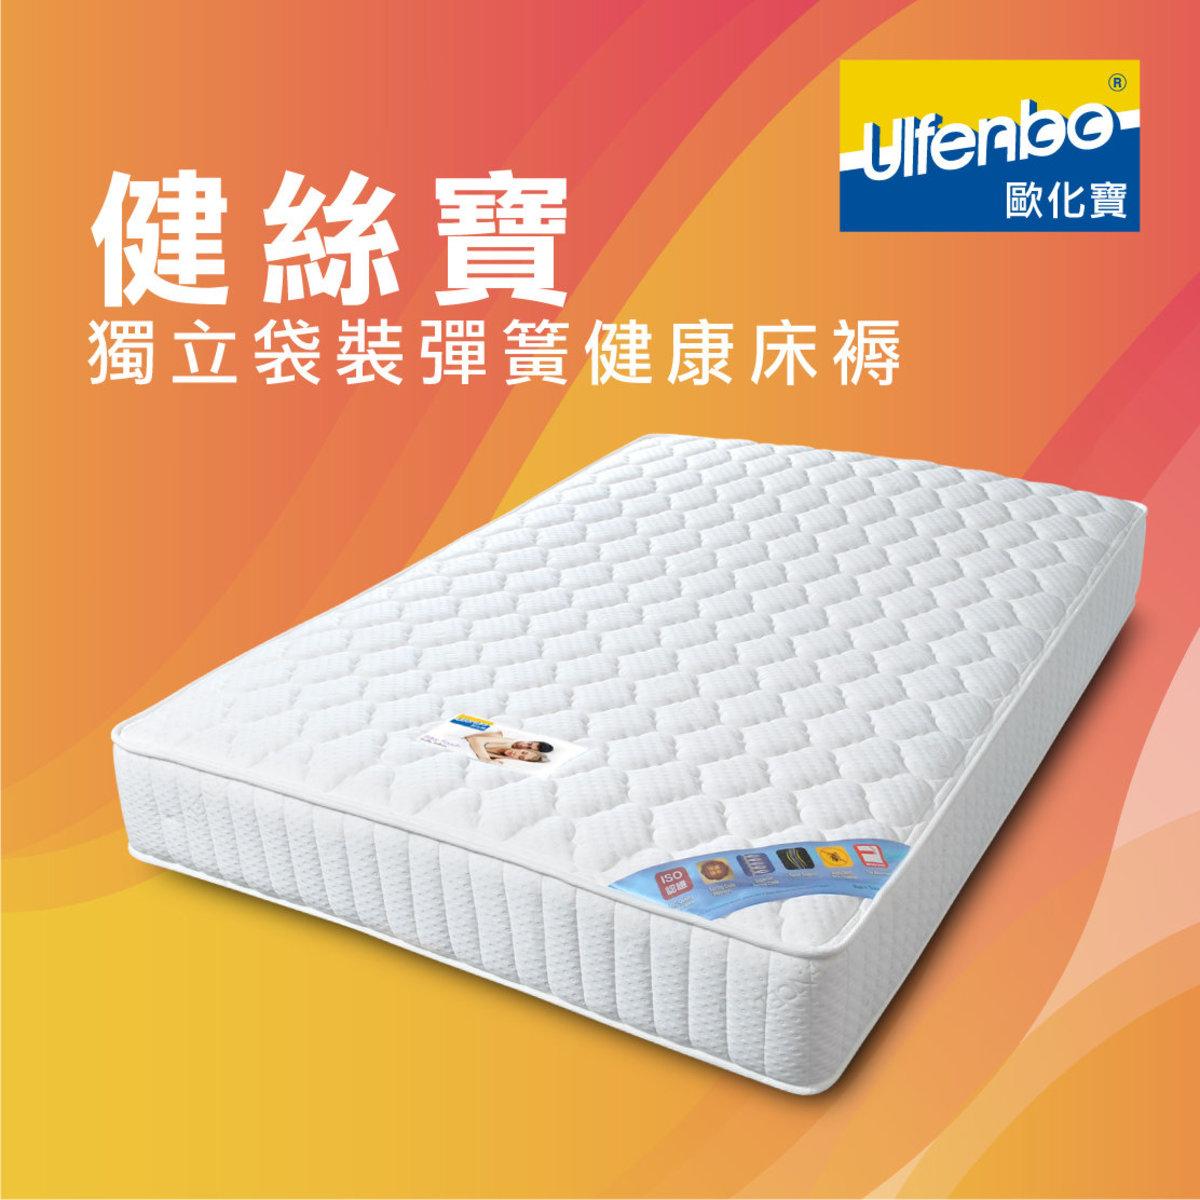 「健絲寶」獨立袋裝彈簧健康床褥(9吋) 91X183CM